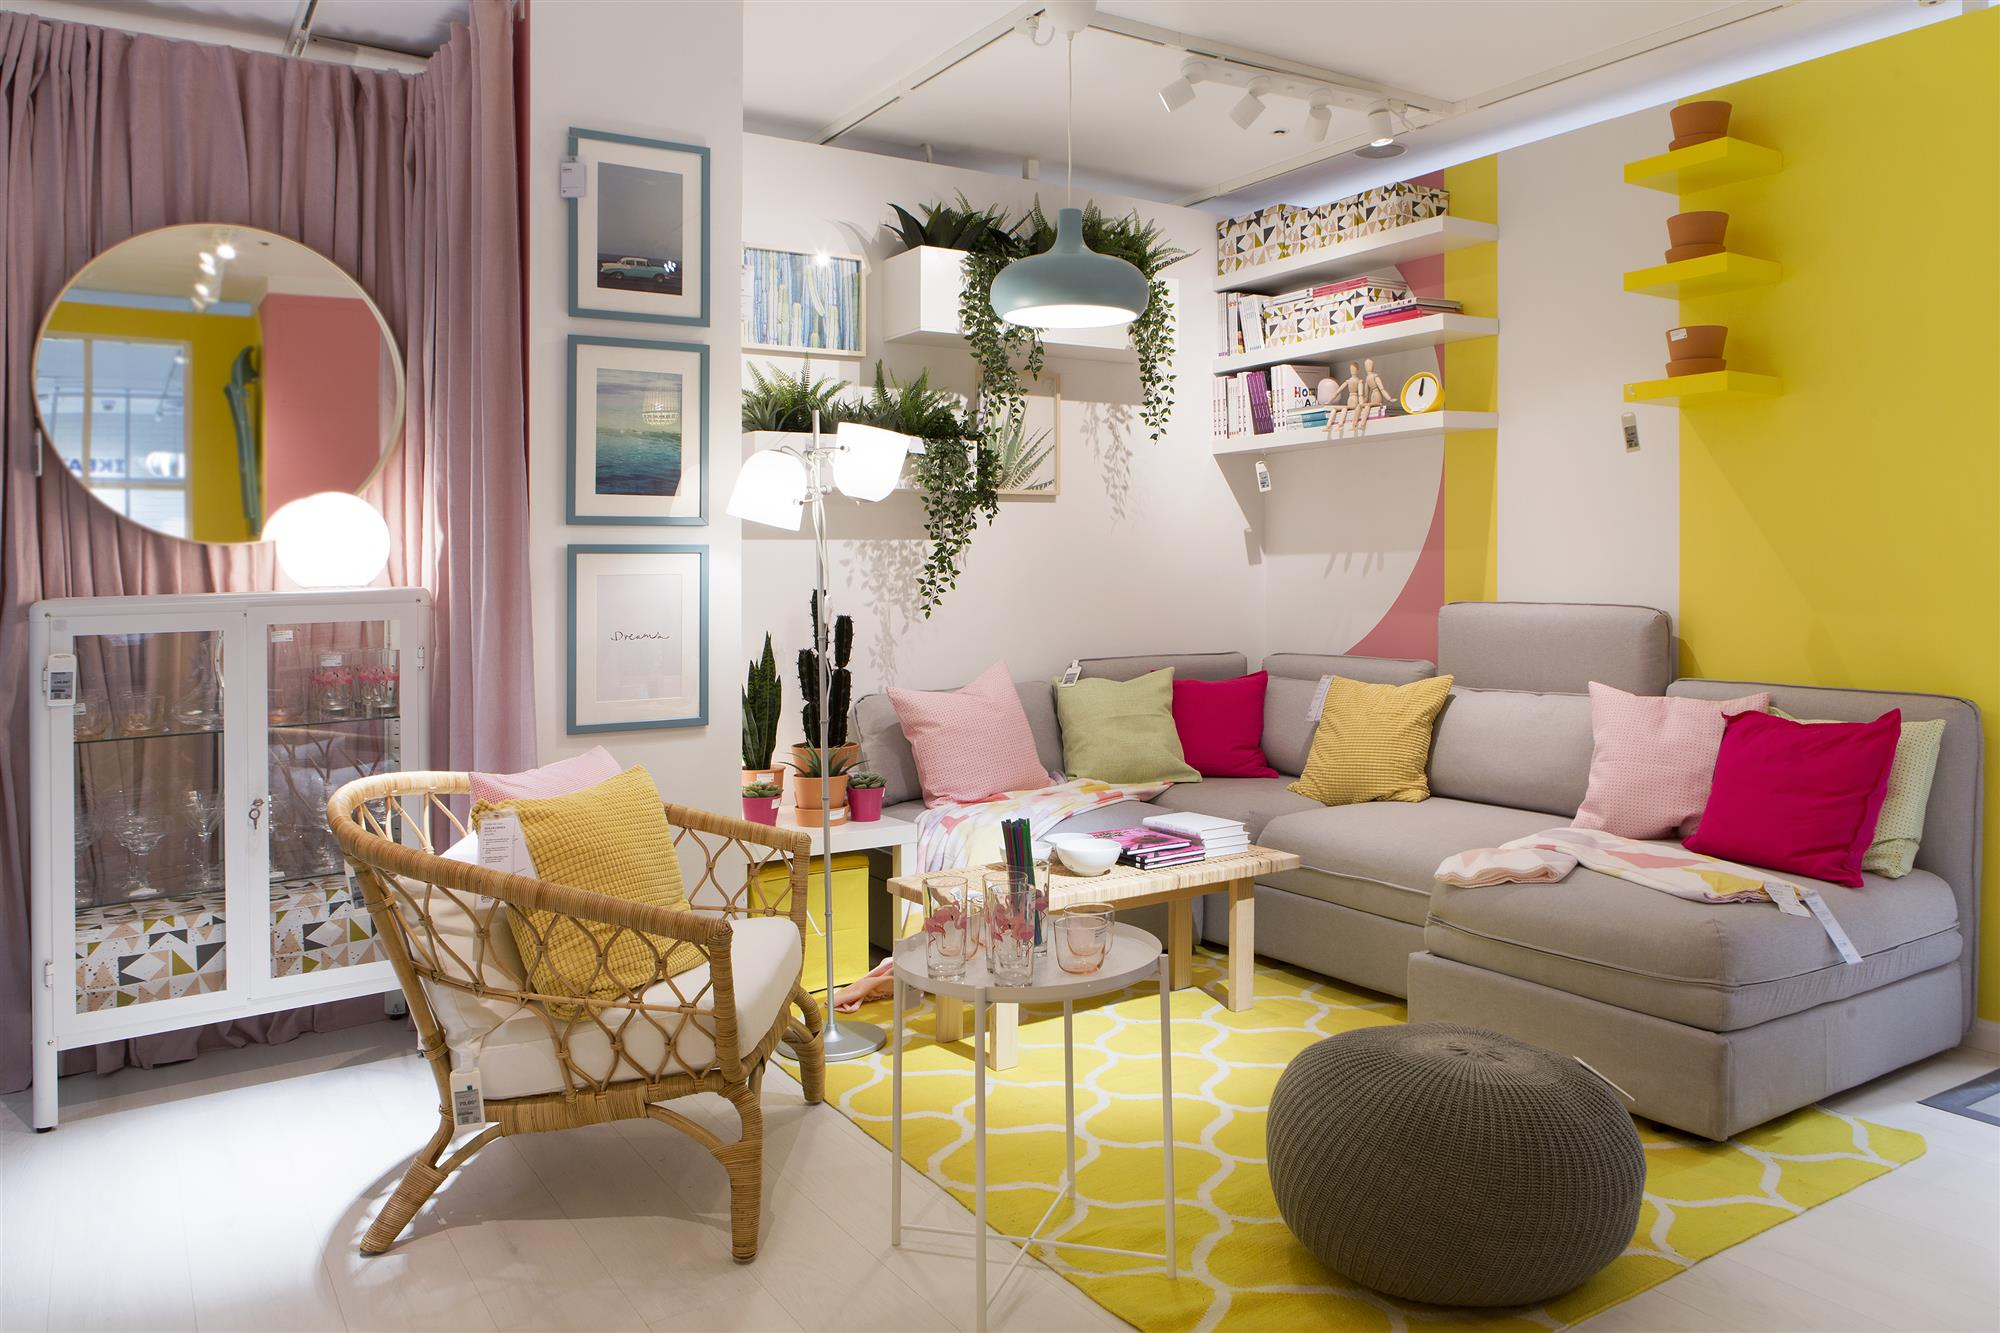 Ikea abre nueva tienda en madrid - Muebles ikea salon ...